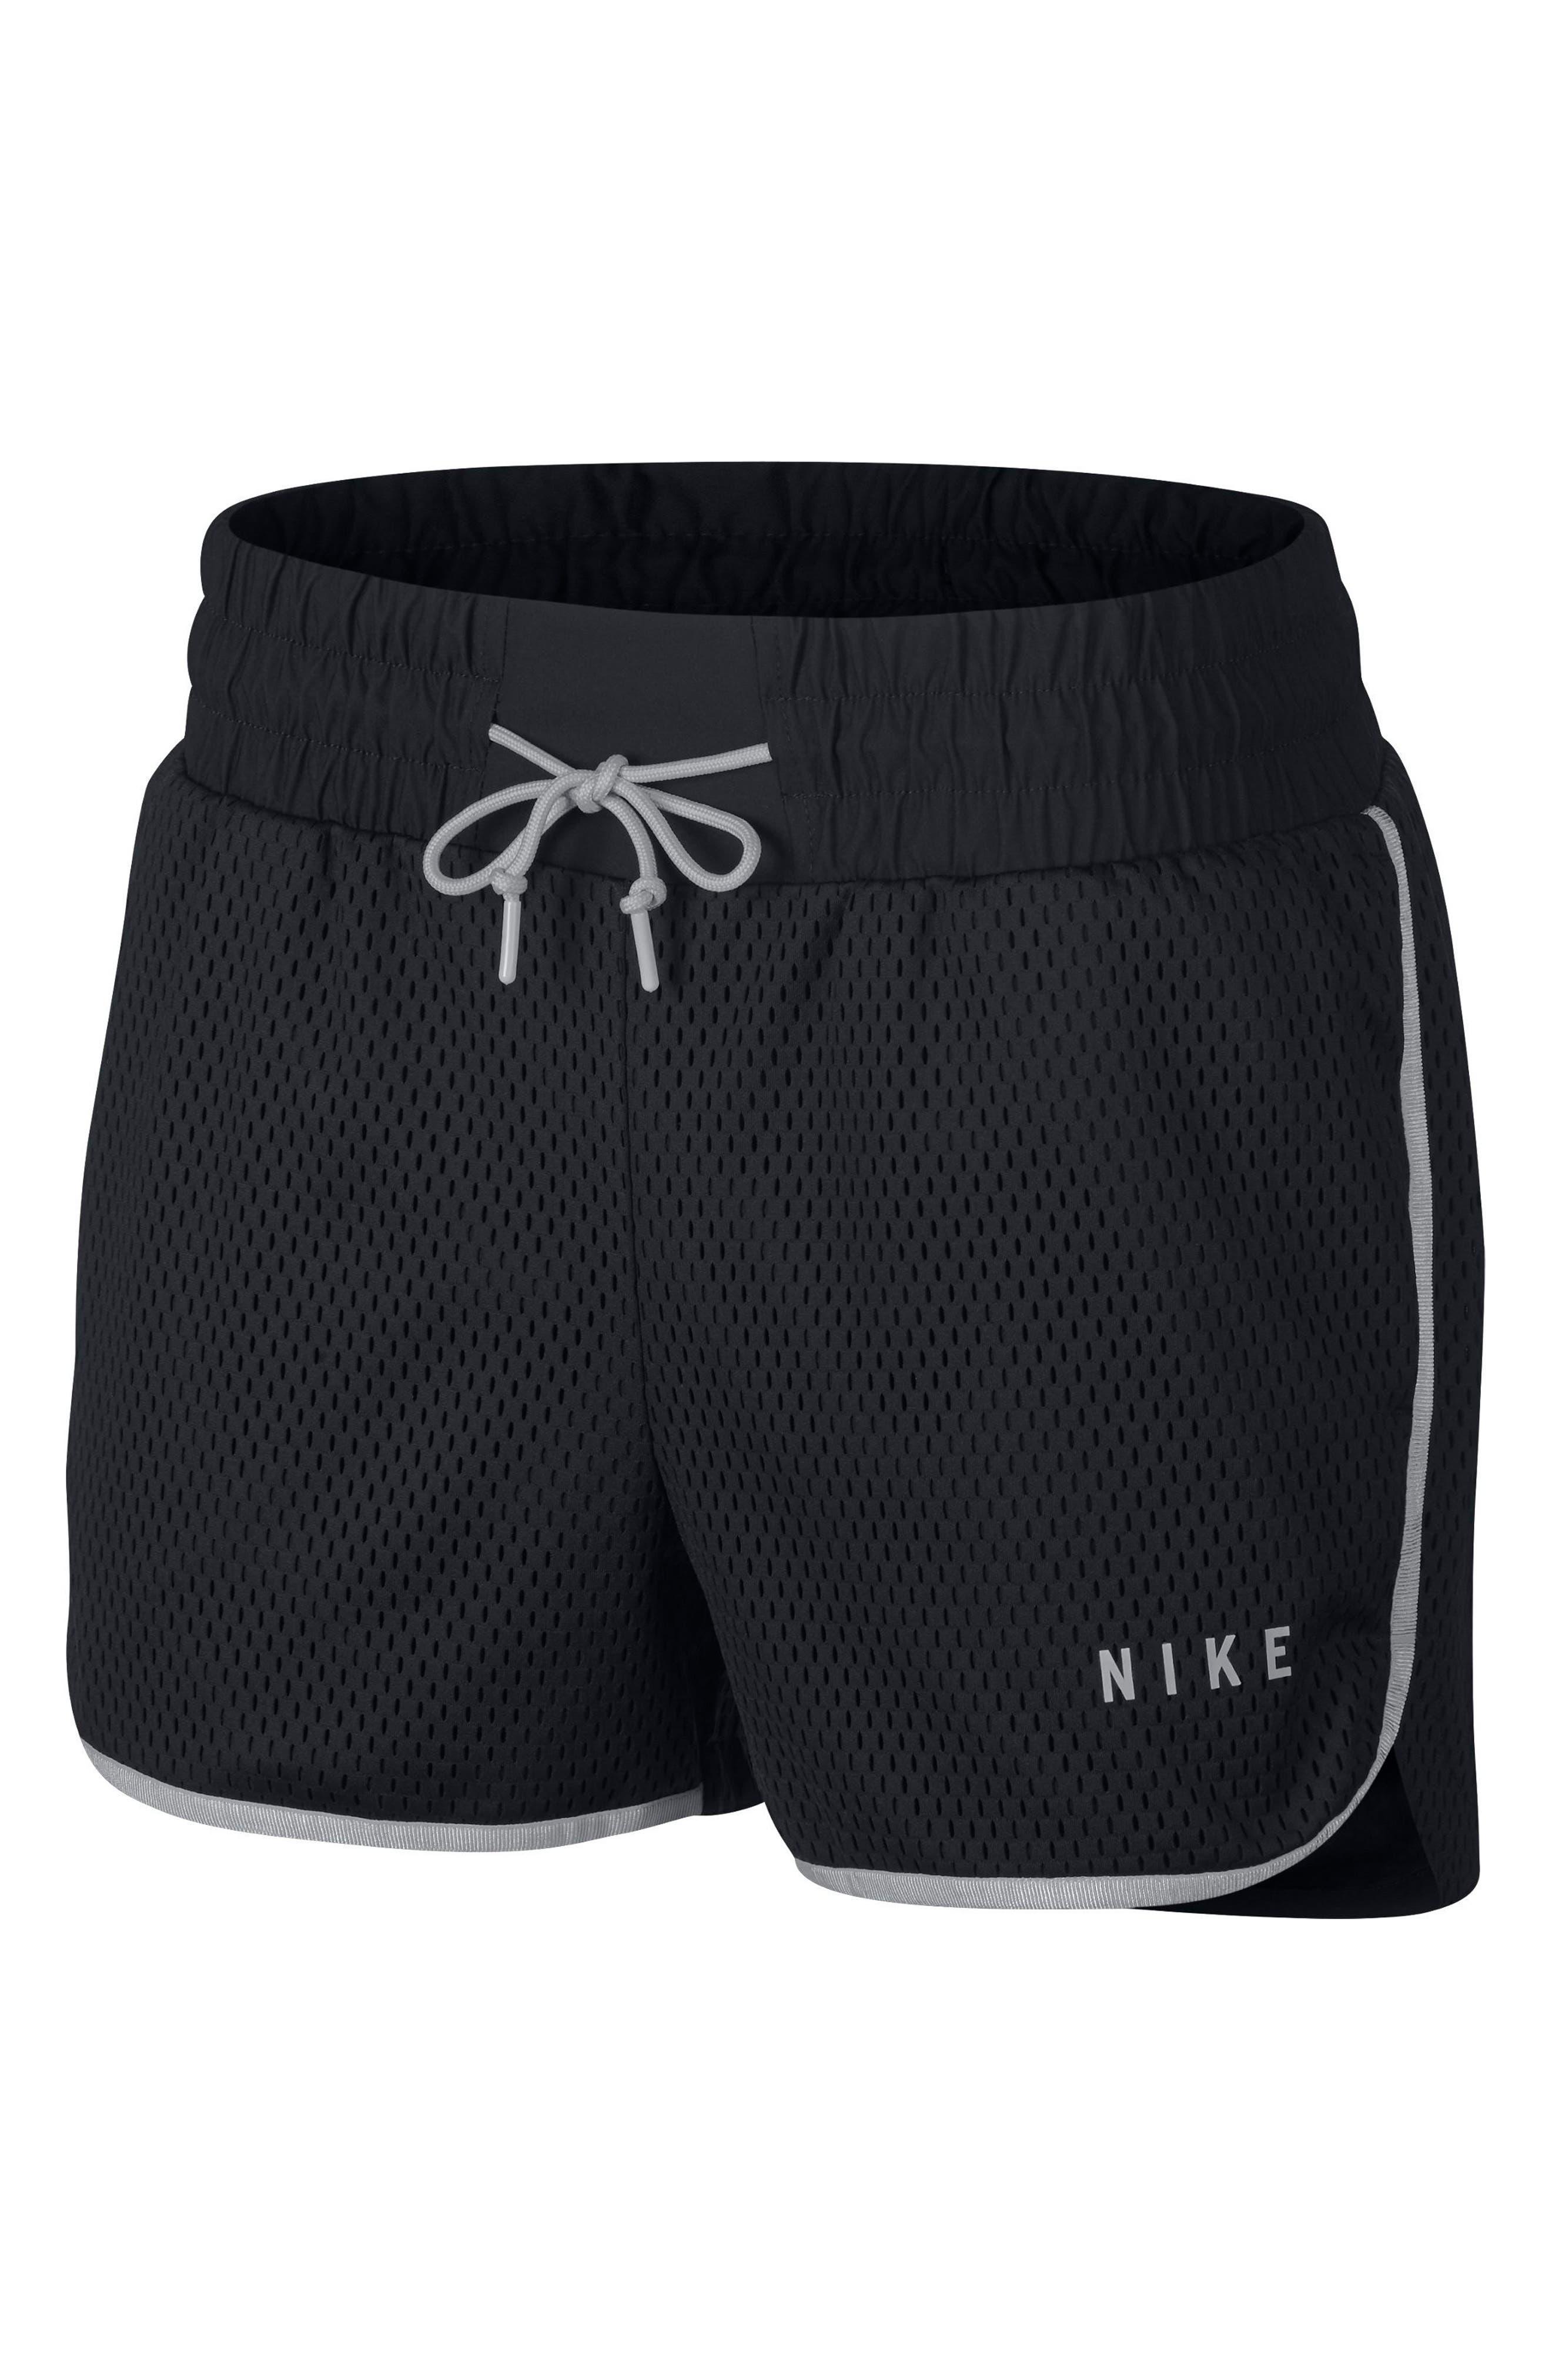 Sportswear Women's Dri-FIT Mesh Shorts,                             Alternate thumbnail 7, color,                             BLACK/ LIGHT BONE